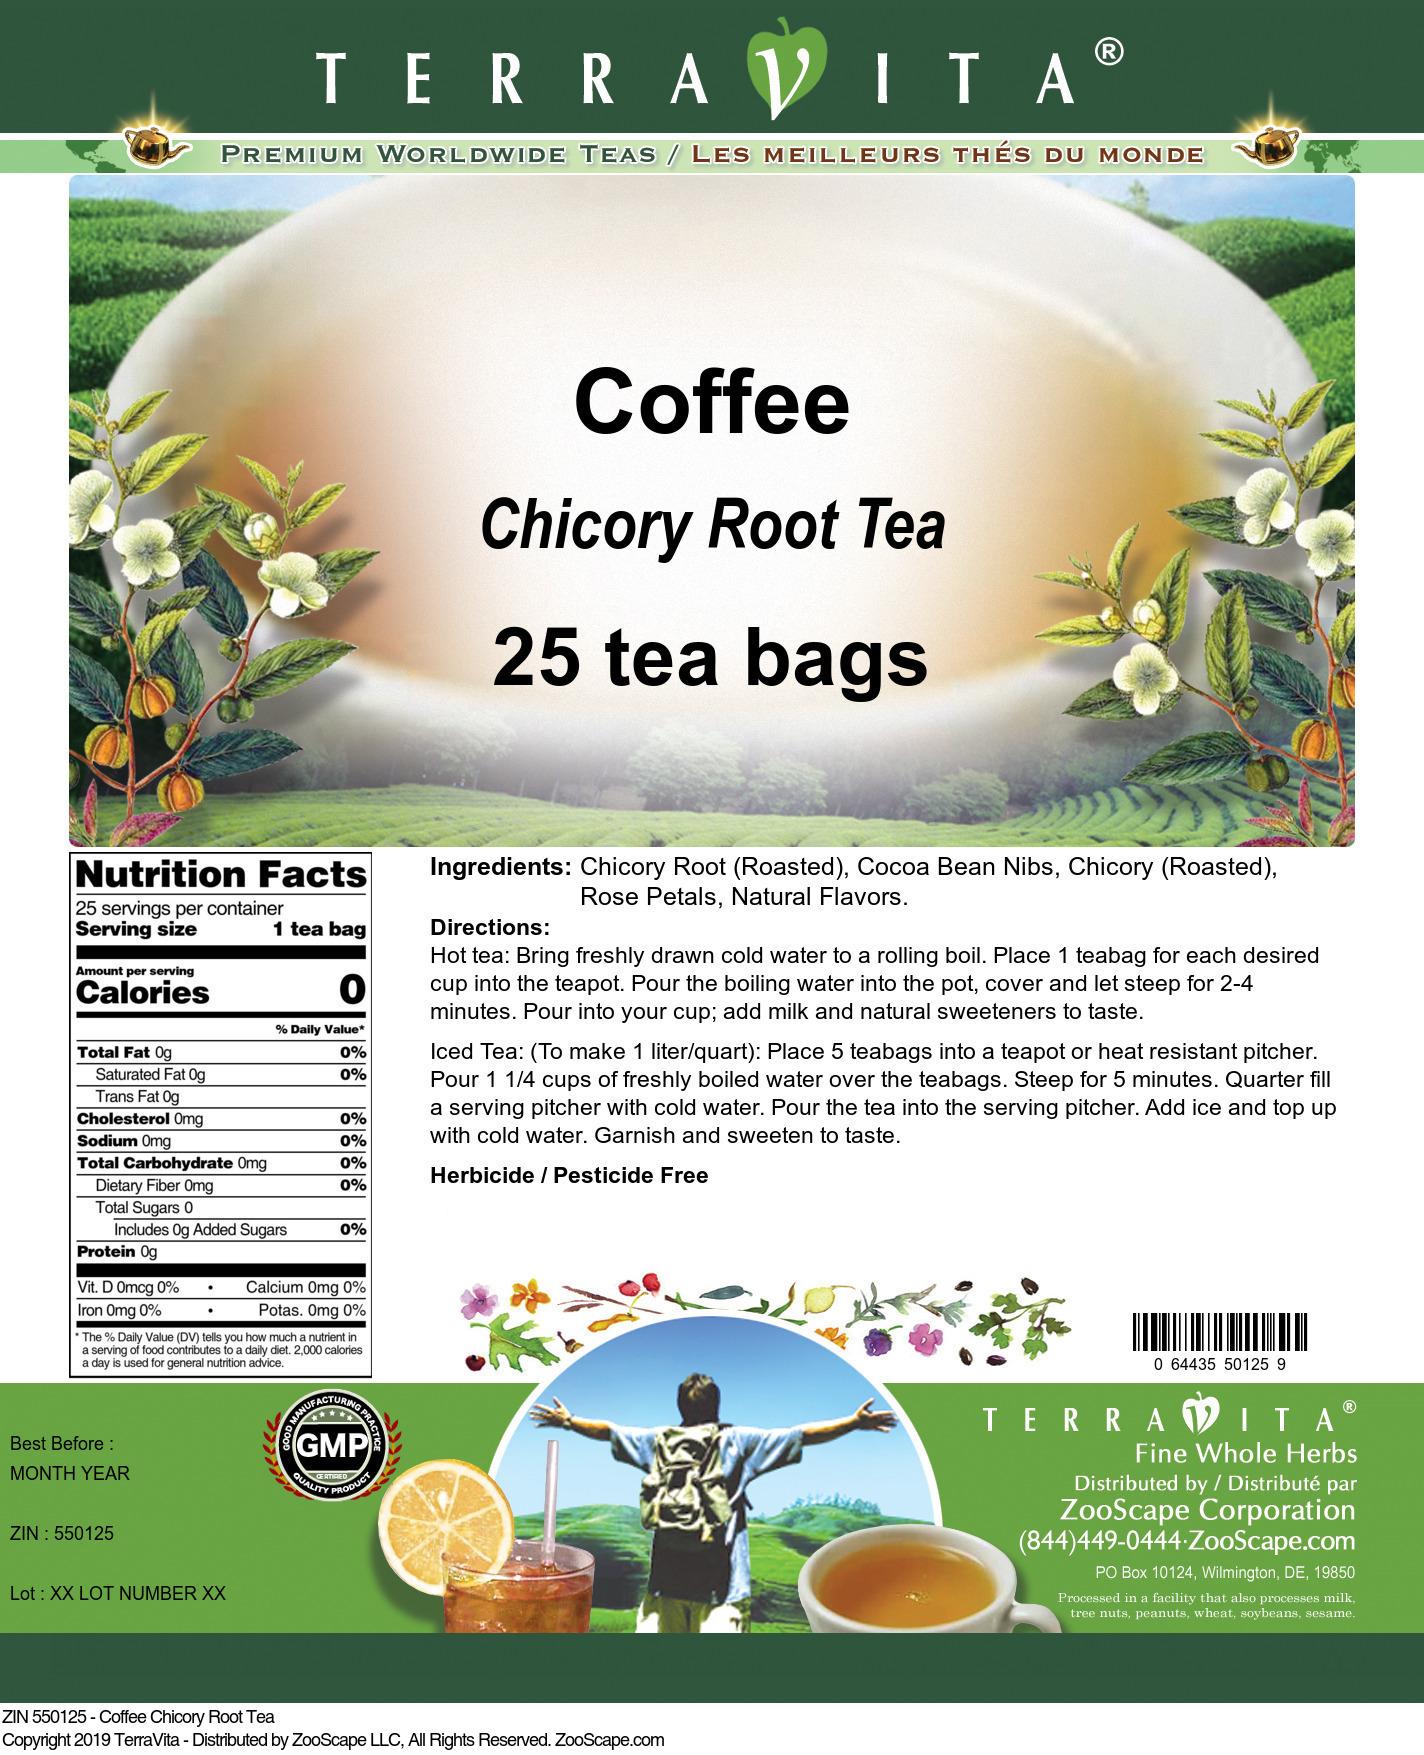 Coffee Chicory Root Tea